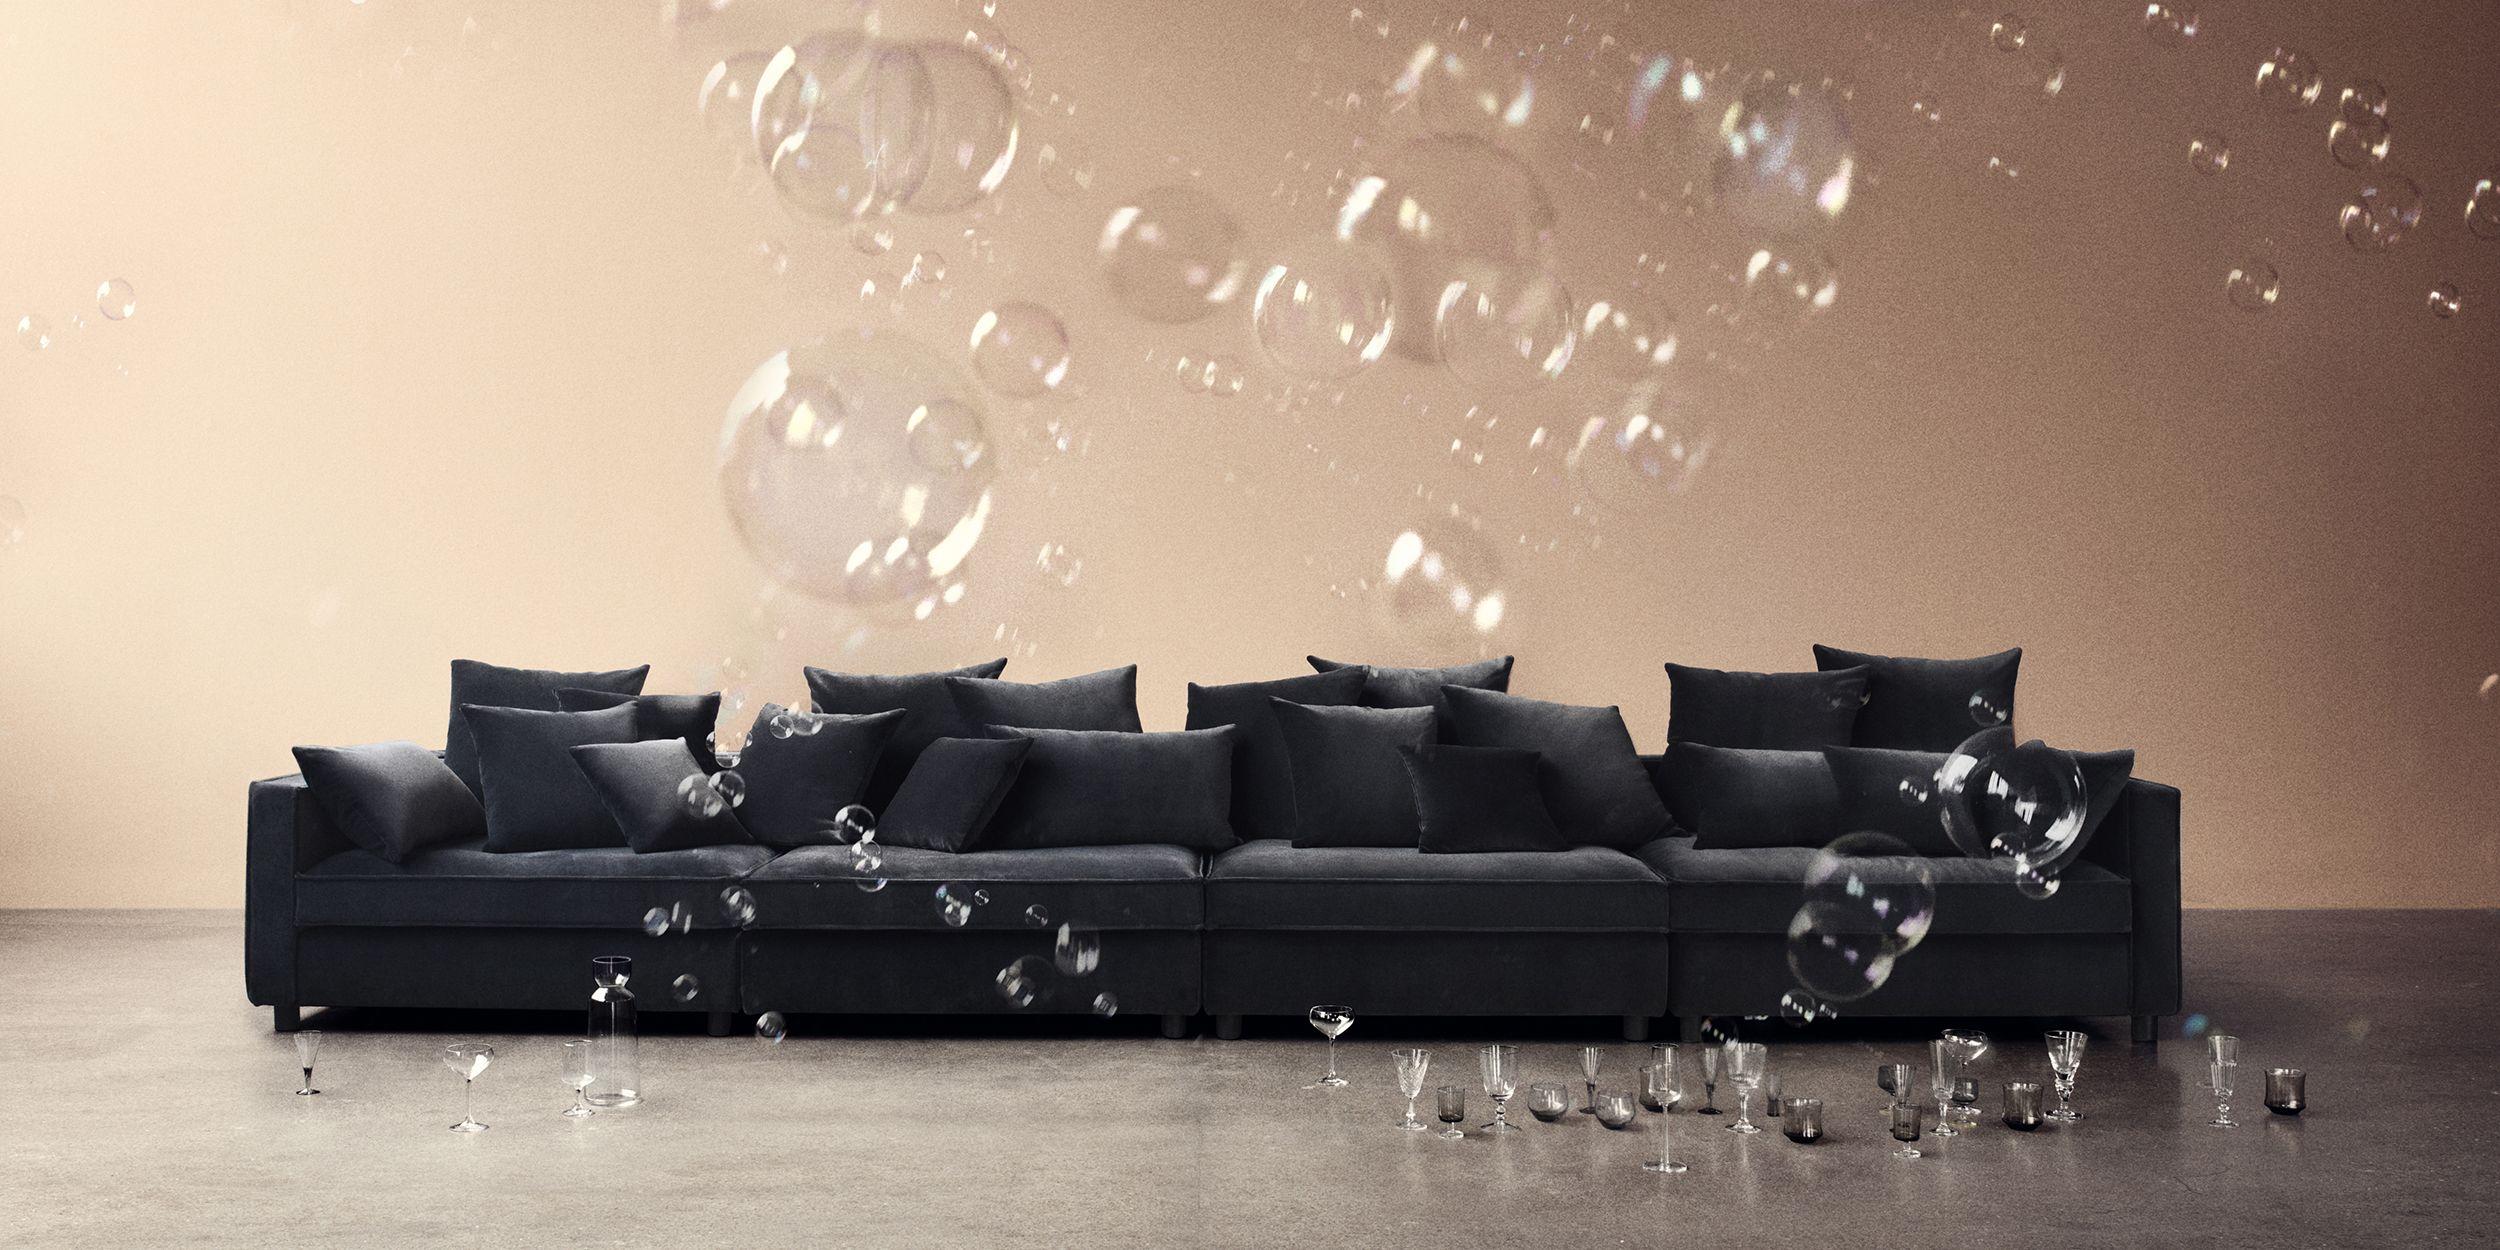 Big Sofa Danish Design Duo Shown In